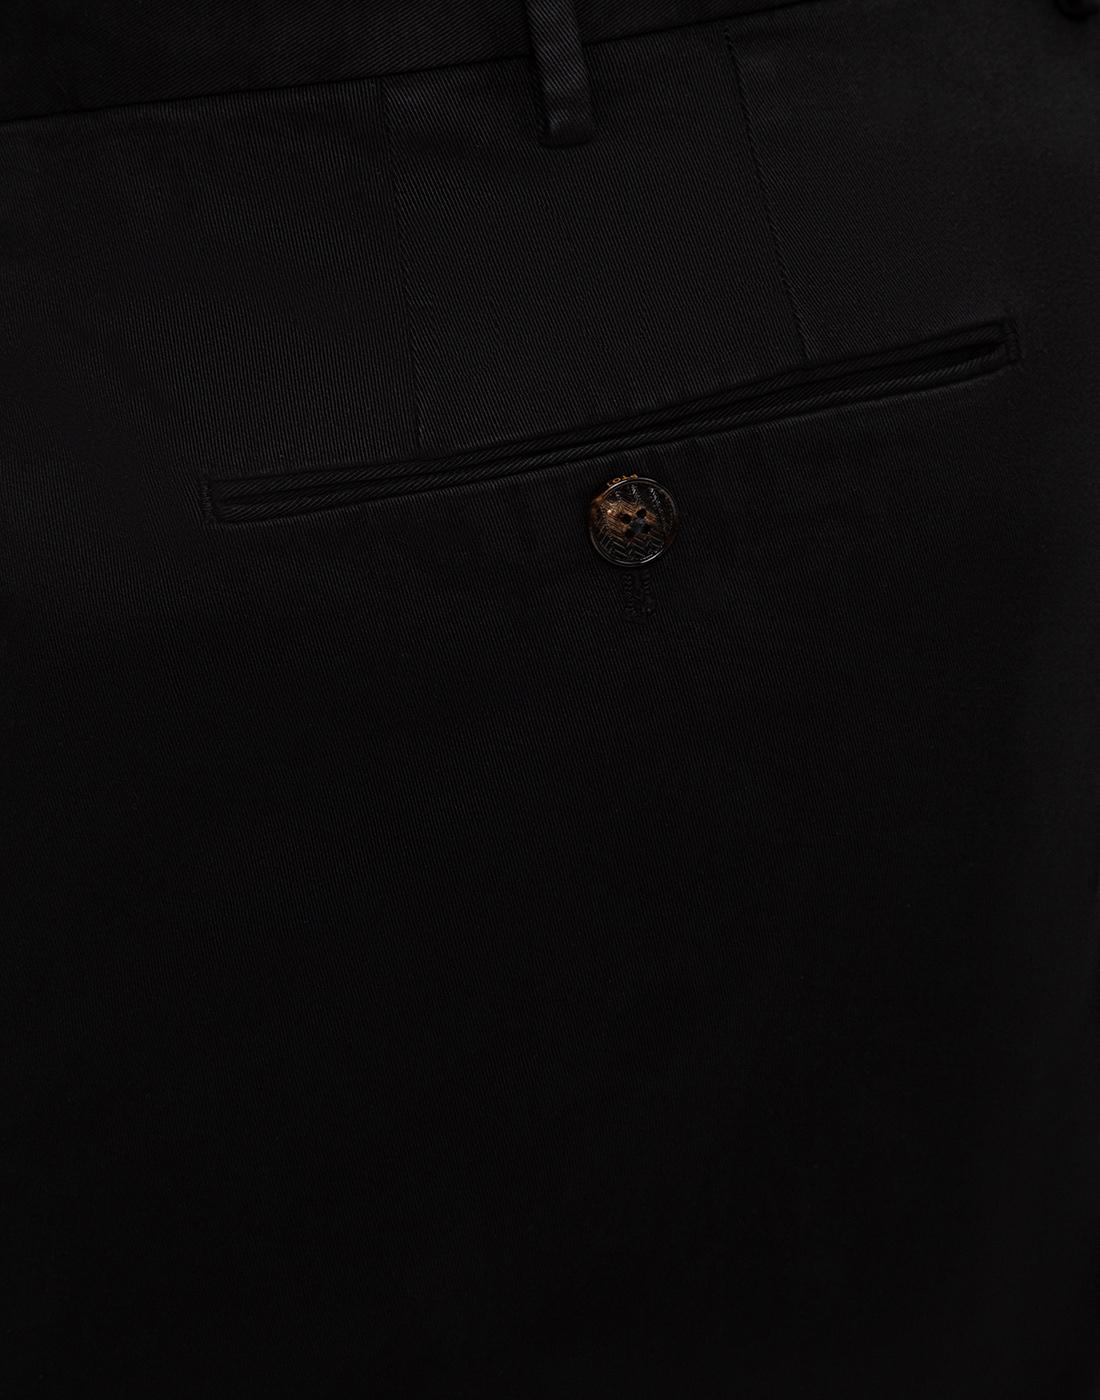 Мужские черные чиносы PT STT02 0990-6